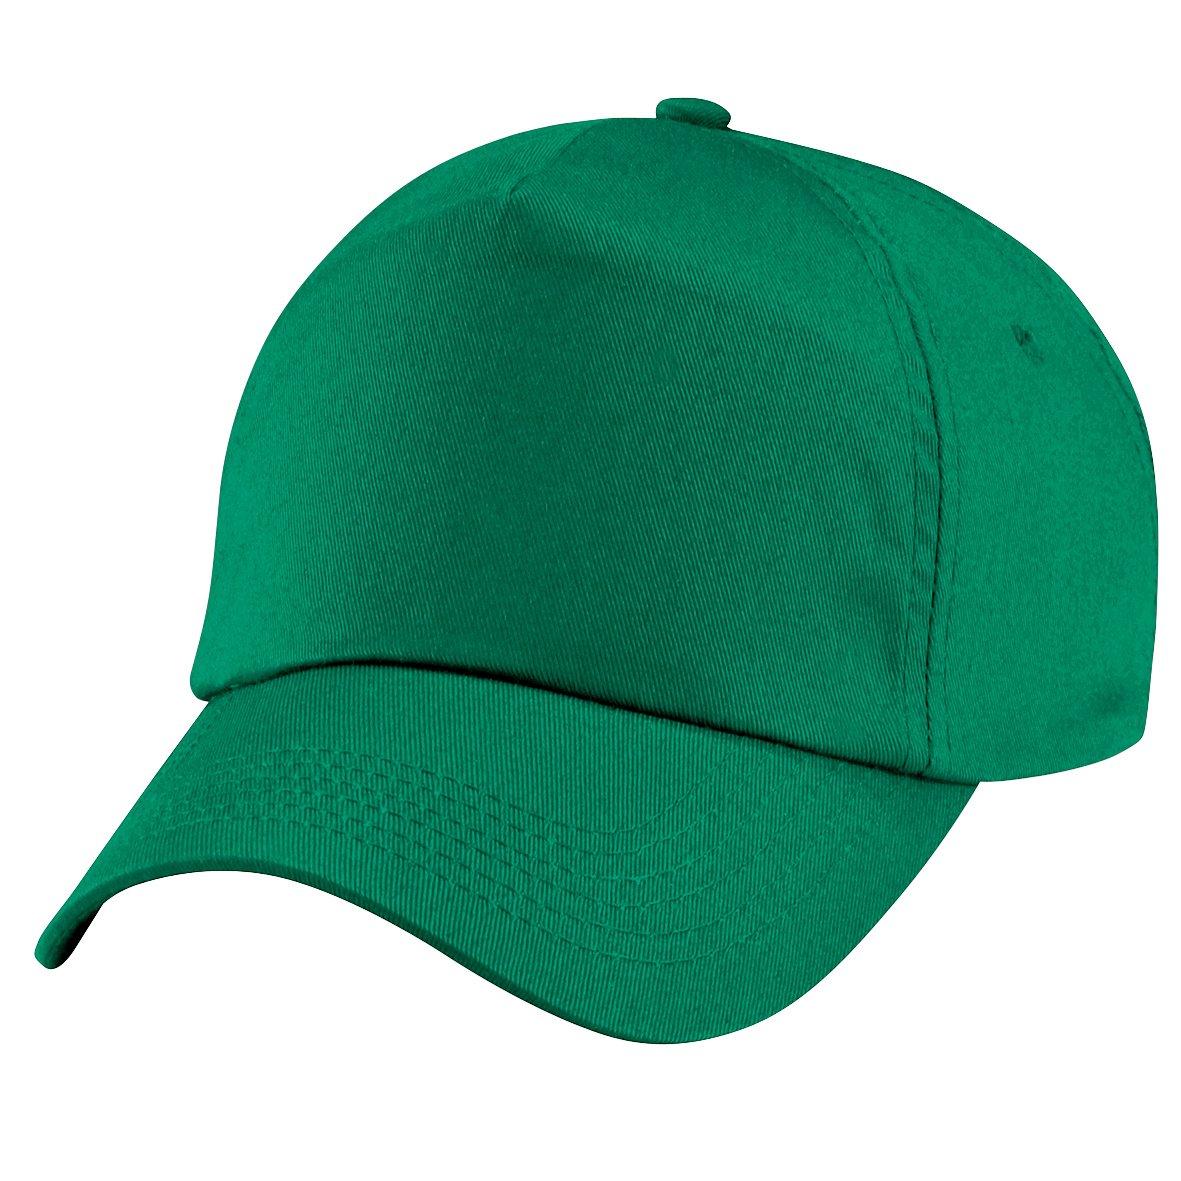 Beechfield - Cappellino Tinta Unita 100% Cotone - Bambino (Taglia unica) (Verde kelly)